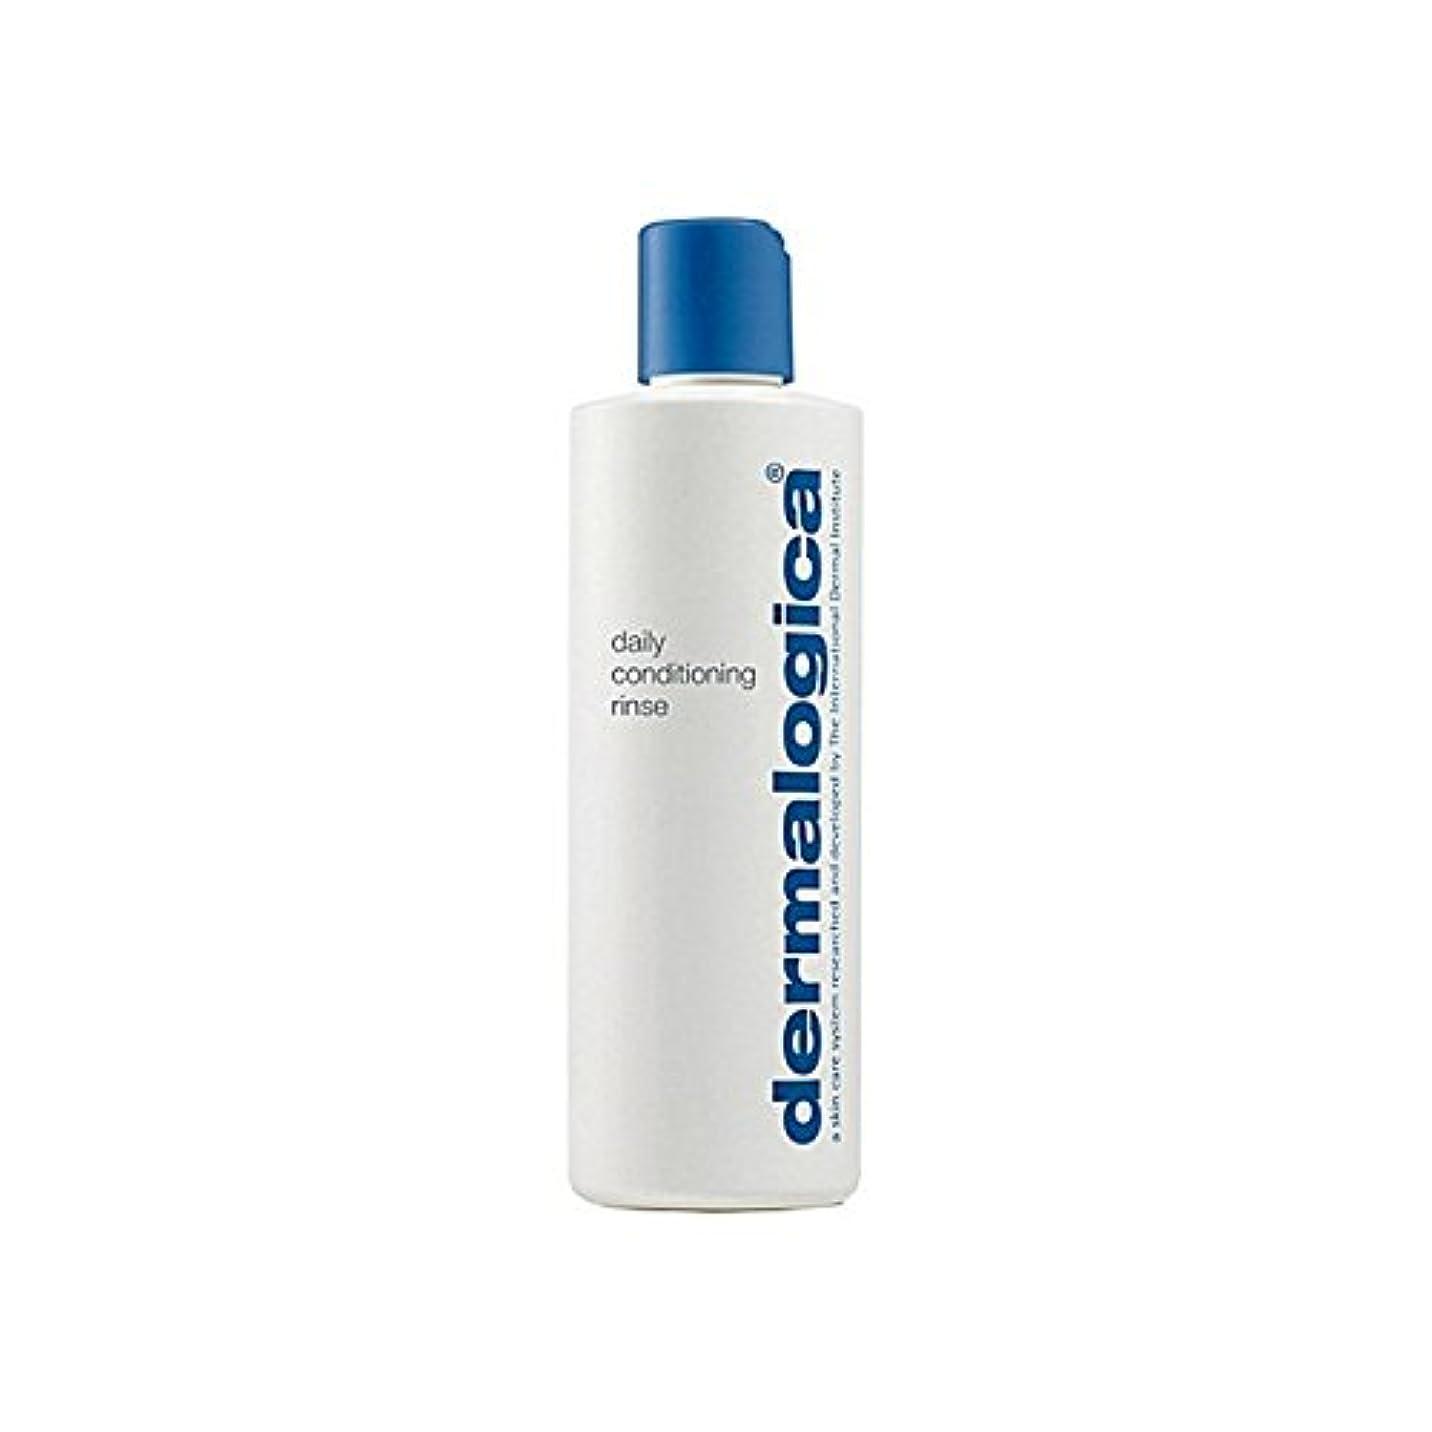 雲困難前部ダーマロジカ毎日コンディショニングリンス50ミリリットル x4 - Dermalogica Daily Conditioning Rinse 50ml (Pack of 4) [並行輸入品]